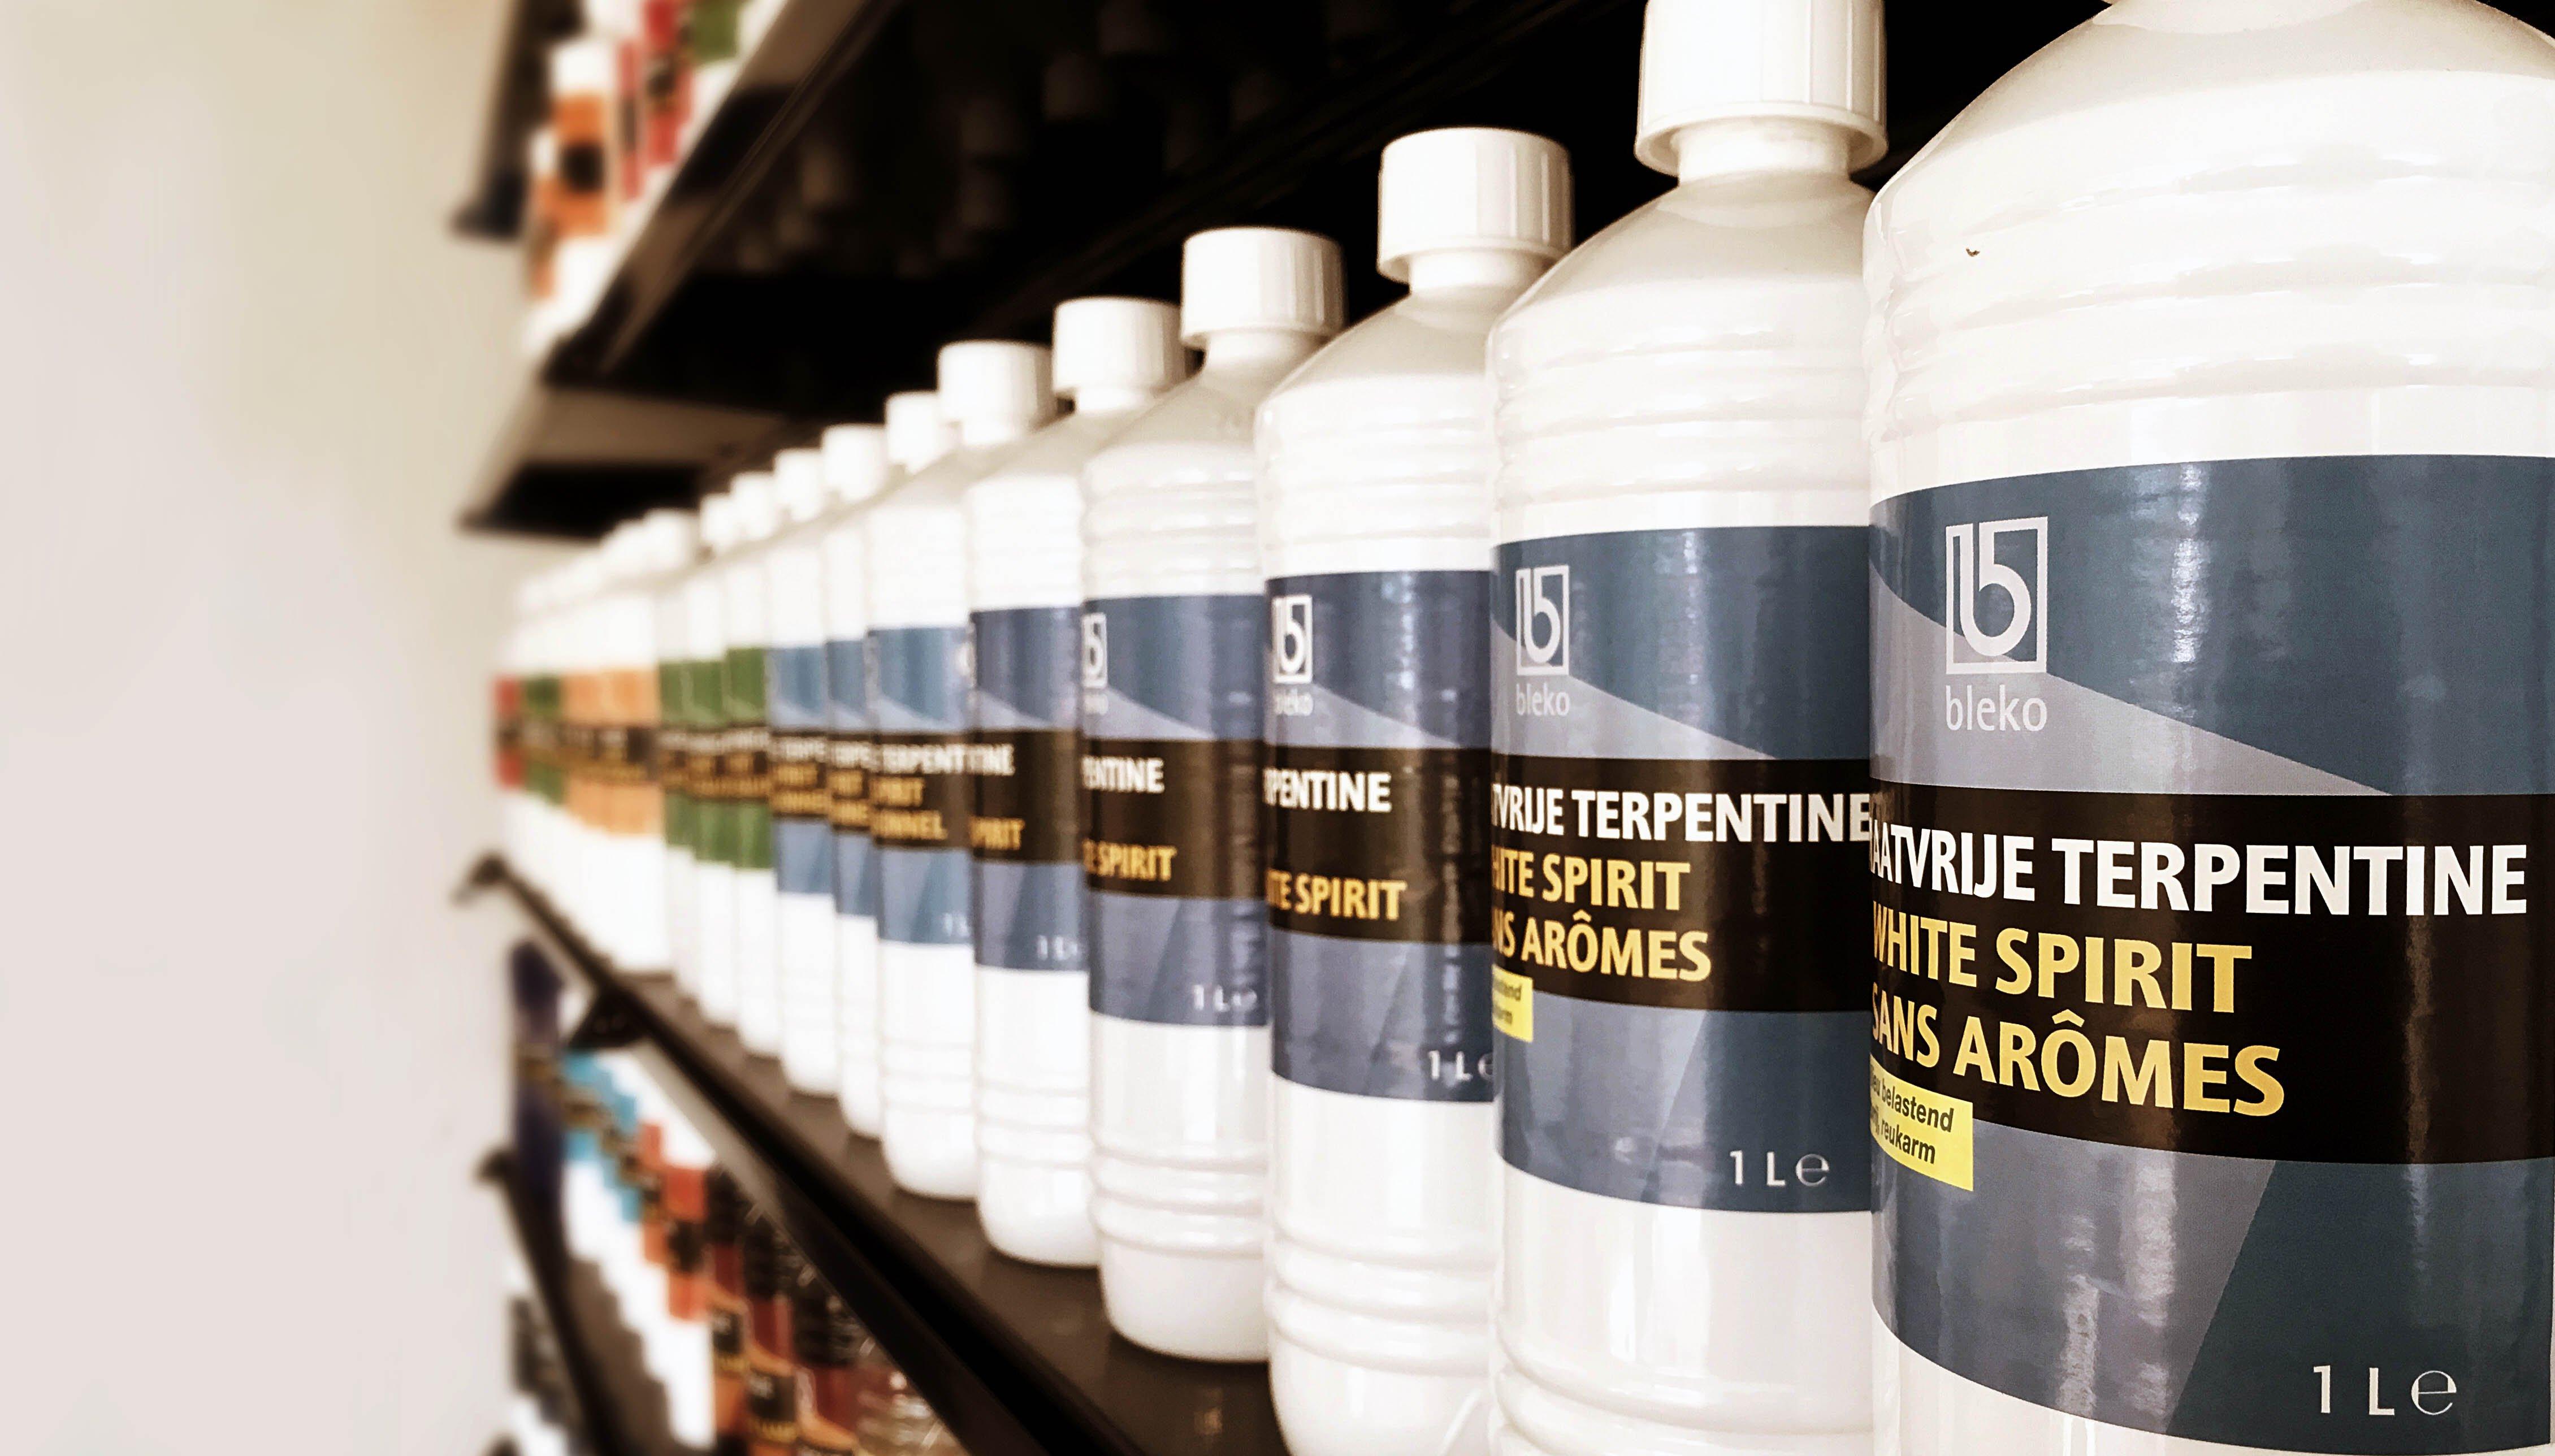 Bleko producten